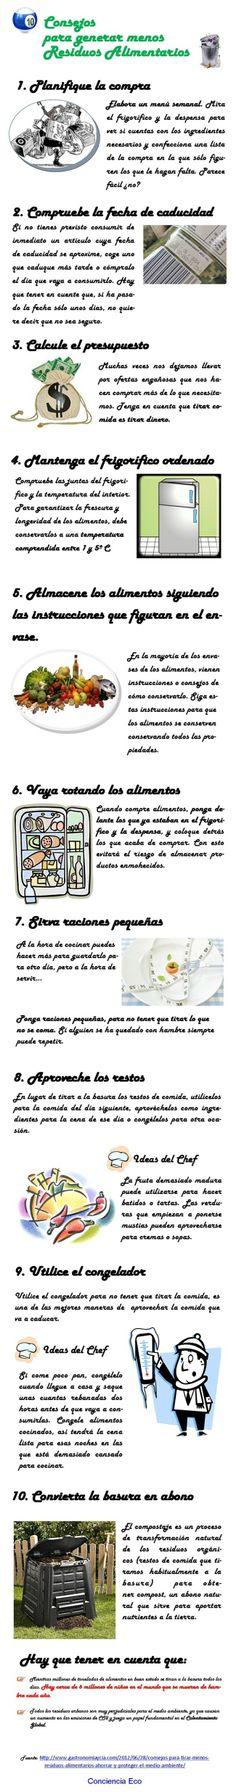 10 consejos caseros para generar menos residuos alimentarios #infografia